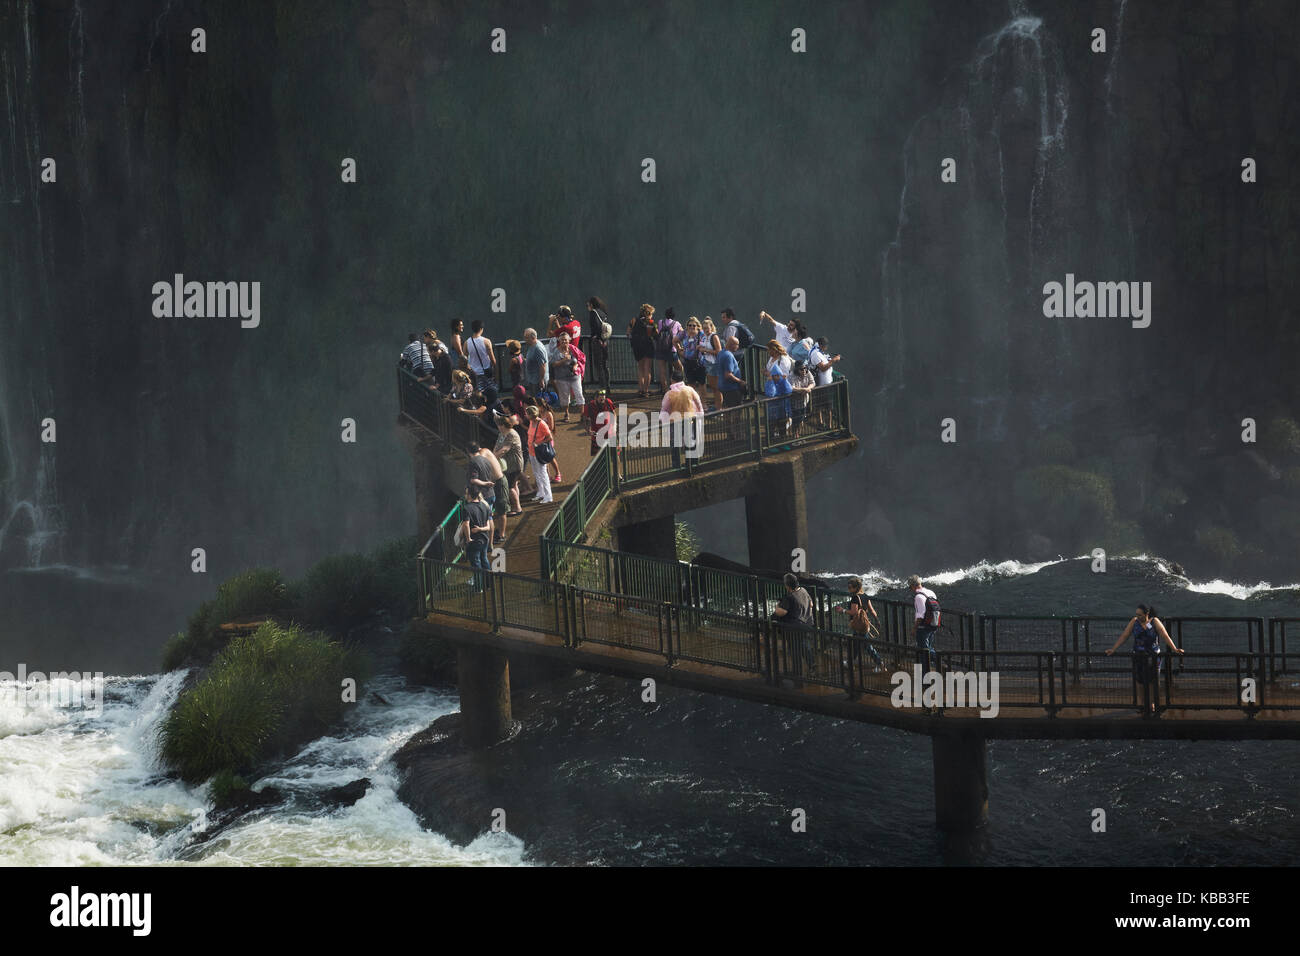 Touristen auf der Aussichtsplattform auf Brasilien Seite der Iguazu Wasserfälle, Brasilien - Argentinien, Südamerika Stockbild